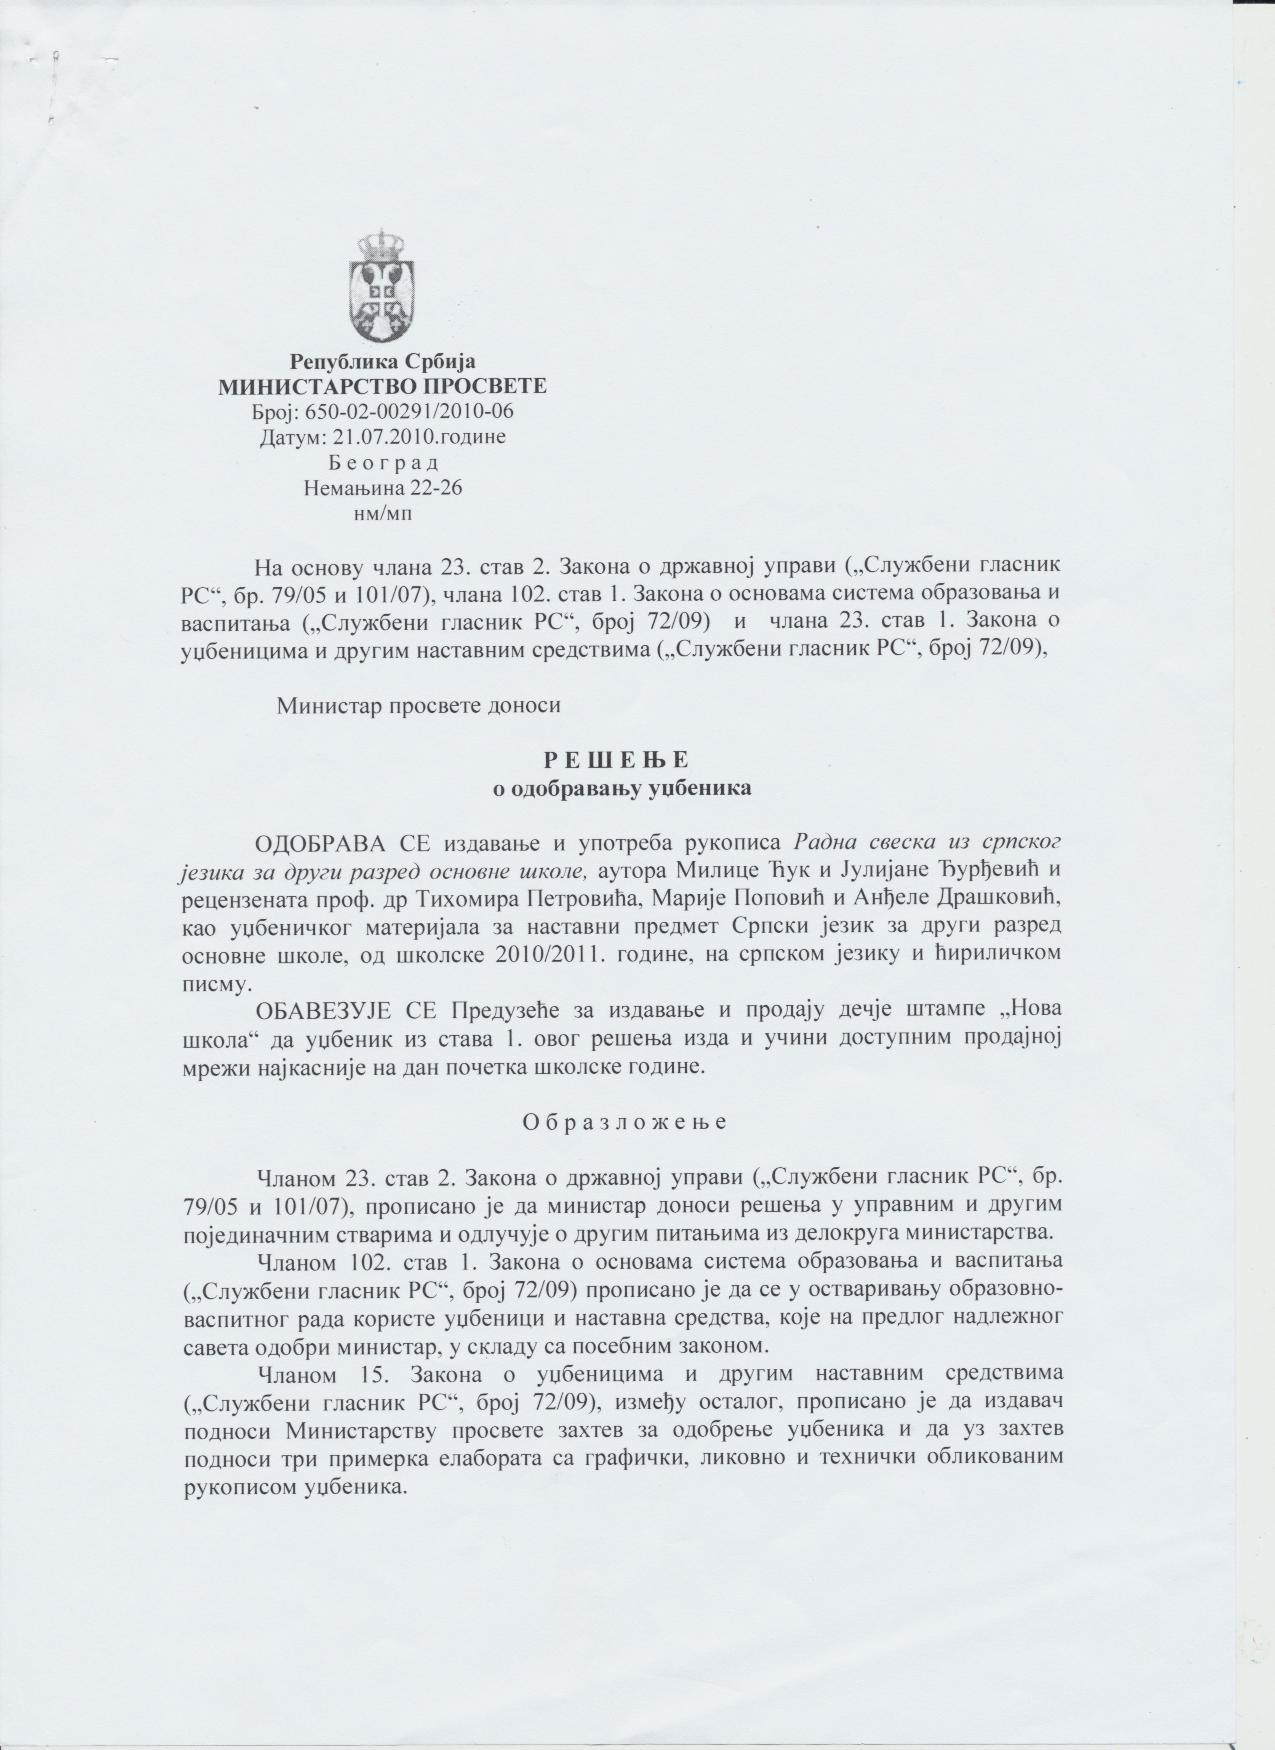 srpski-j-radna-sveska-1-strana